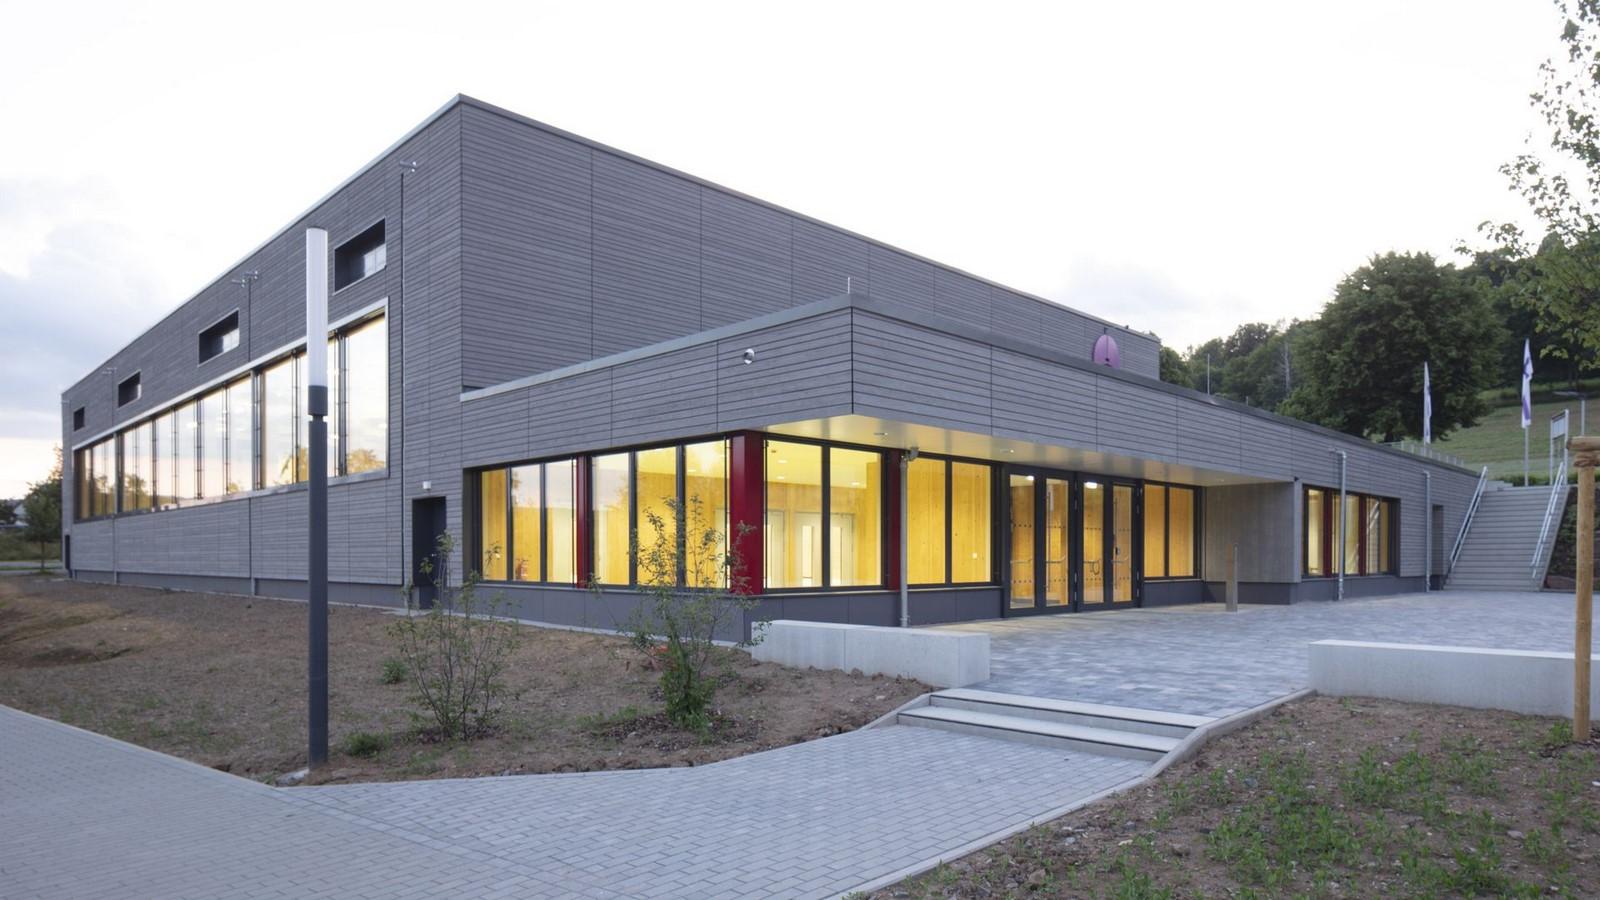 Architects in Hannover - Top 60 Architects in Hannover - Sheet43